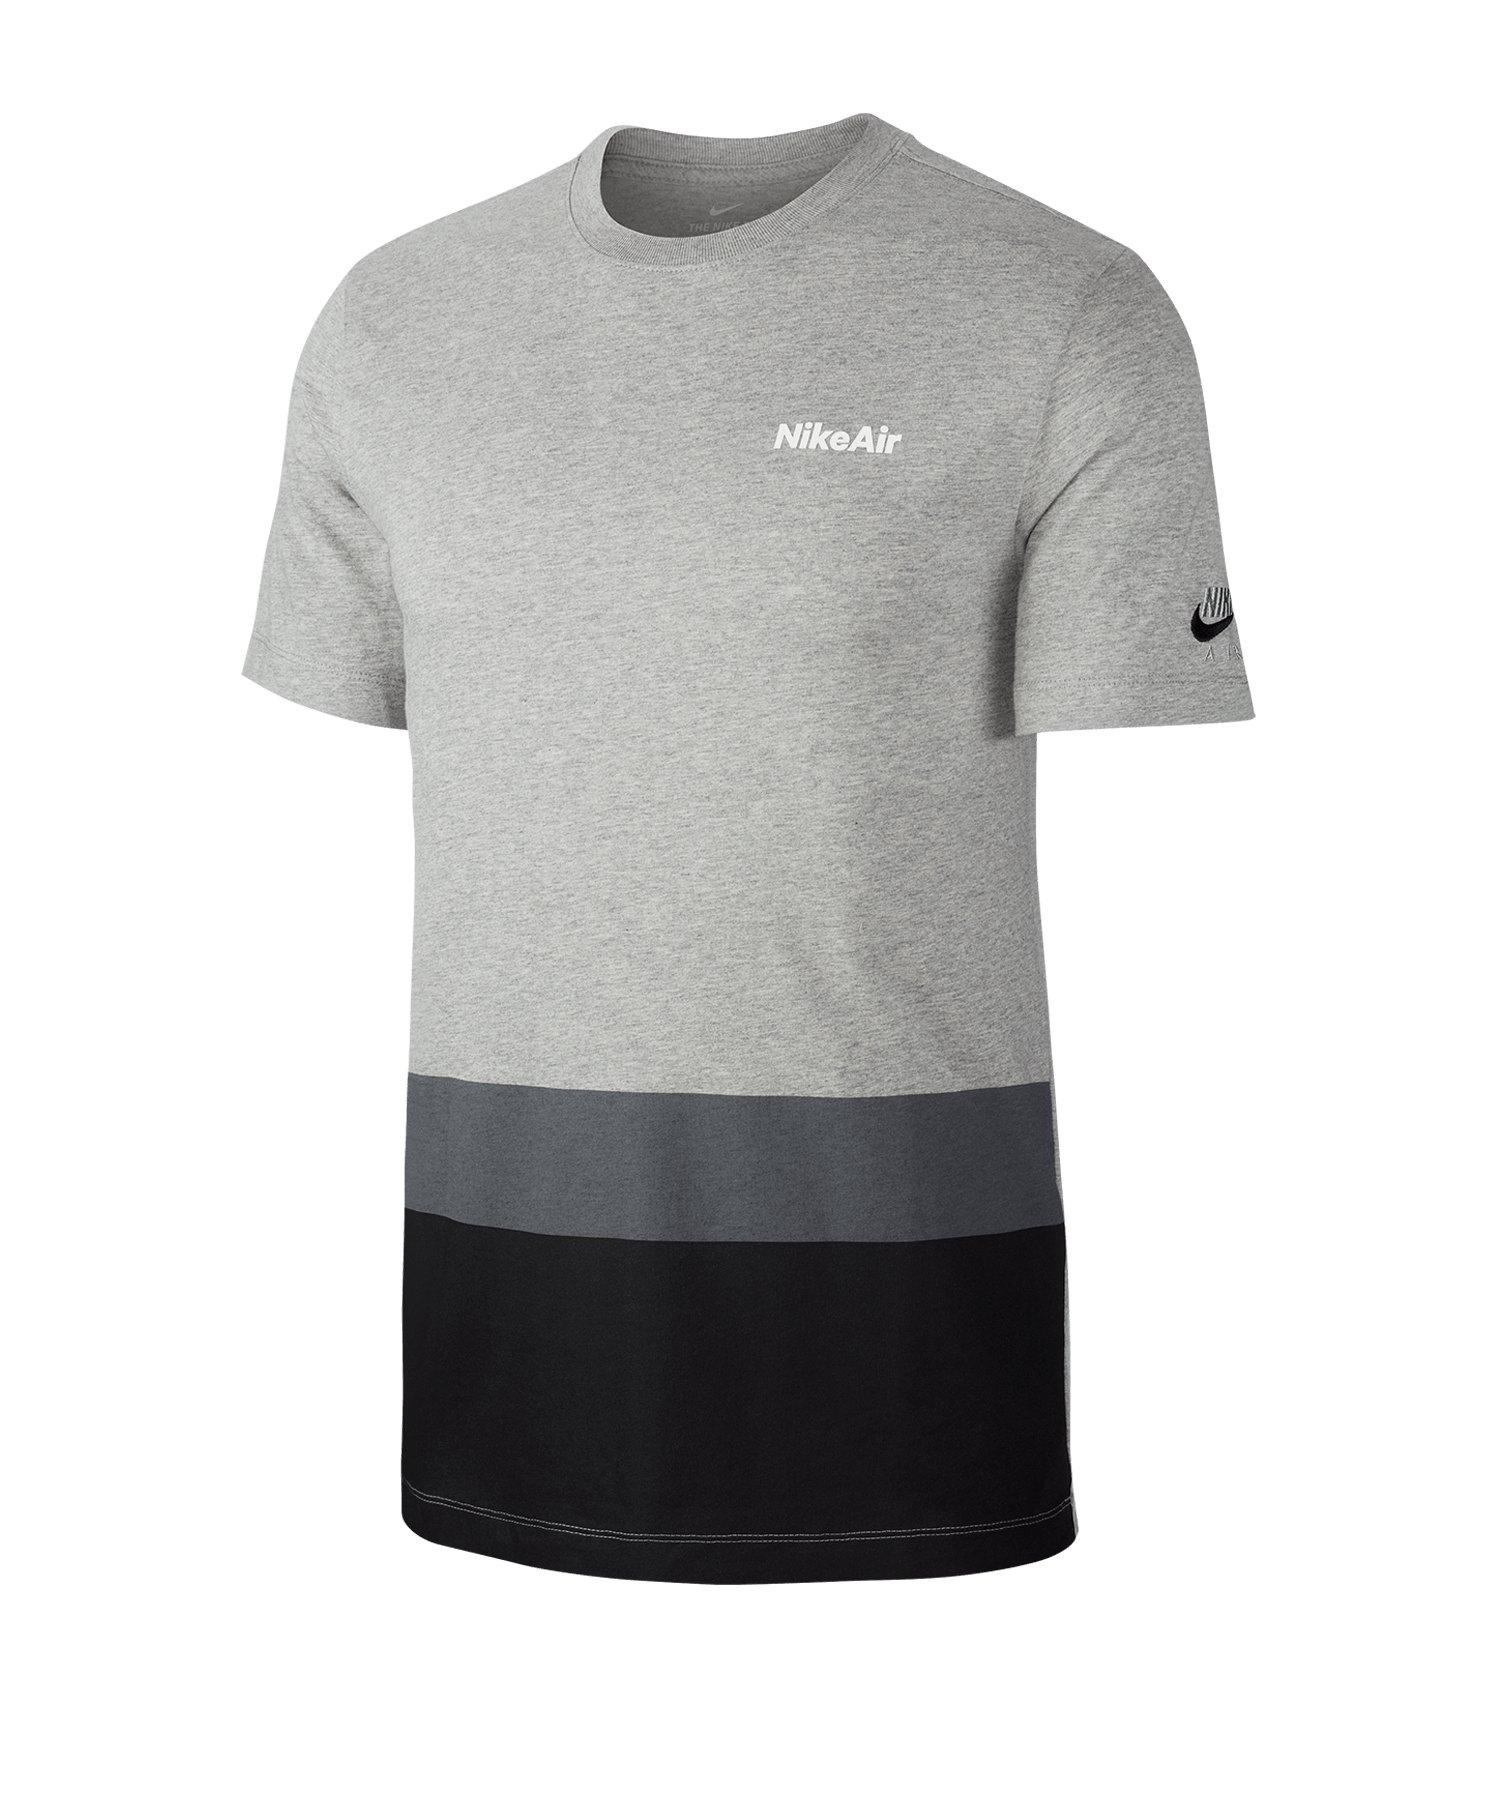 Nike Air Blocked Tee T-Shirt Grau F063 - grau